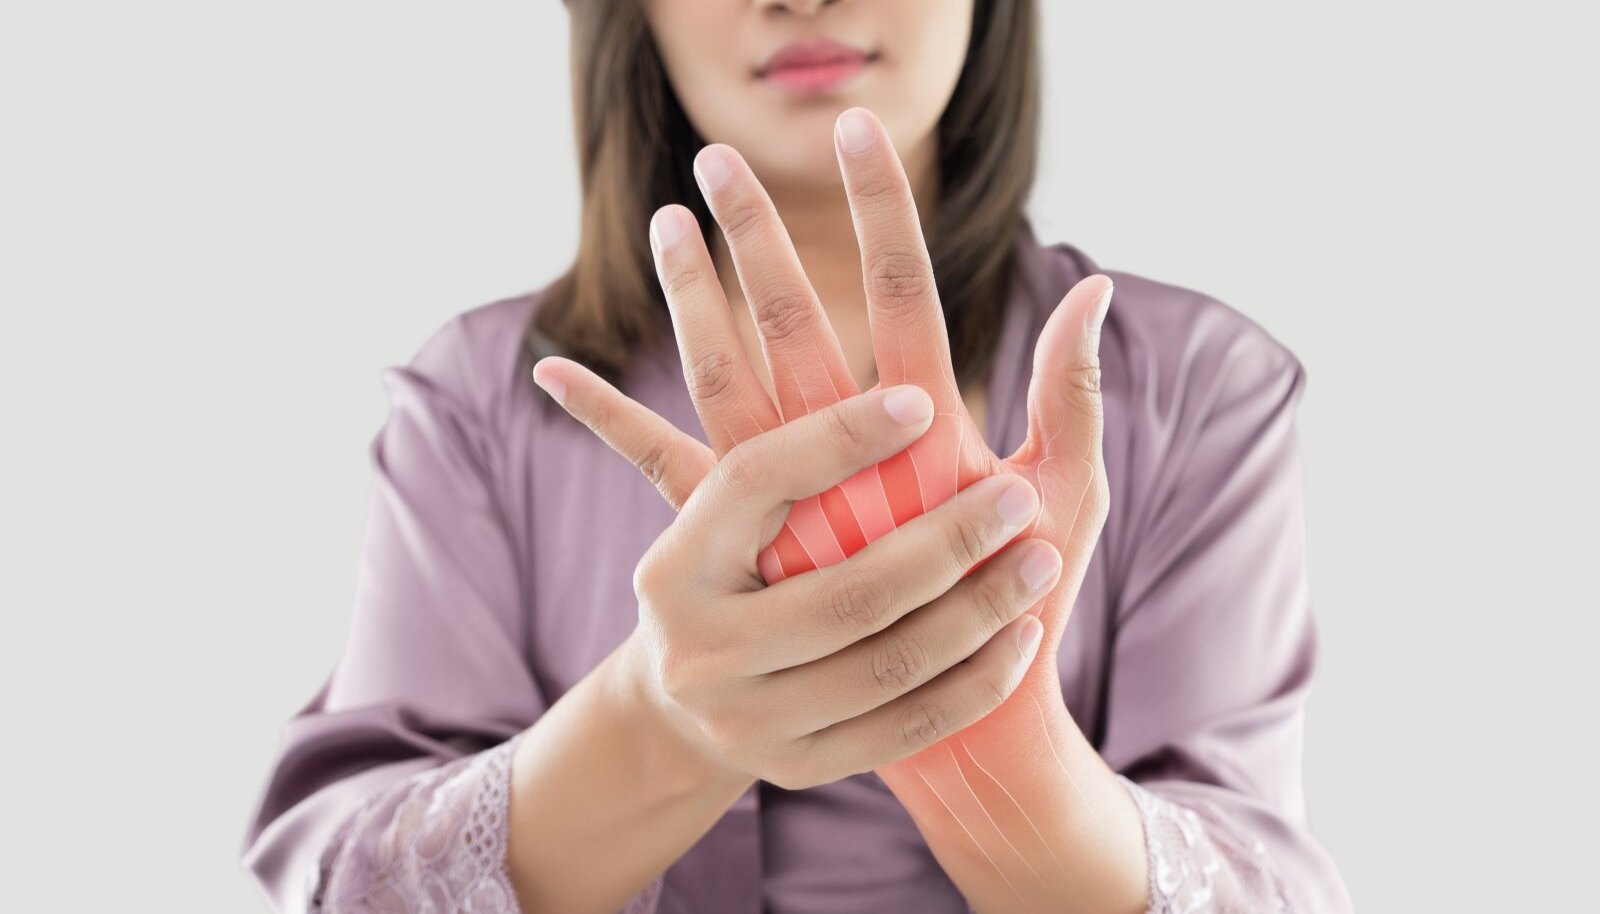 Kae sormede valulikud liigesed Artroosi ravi Kui alustada